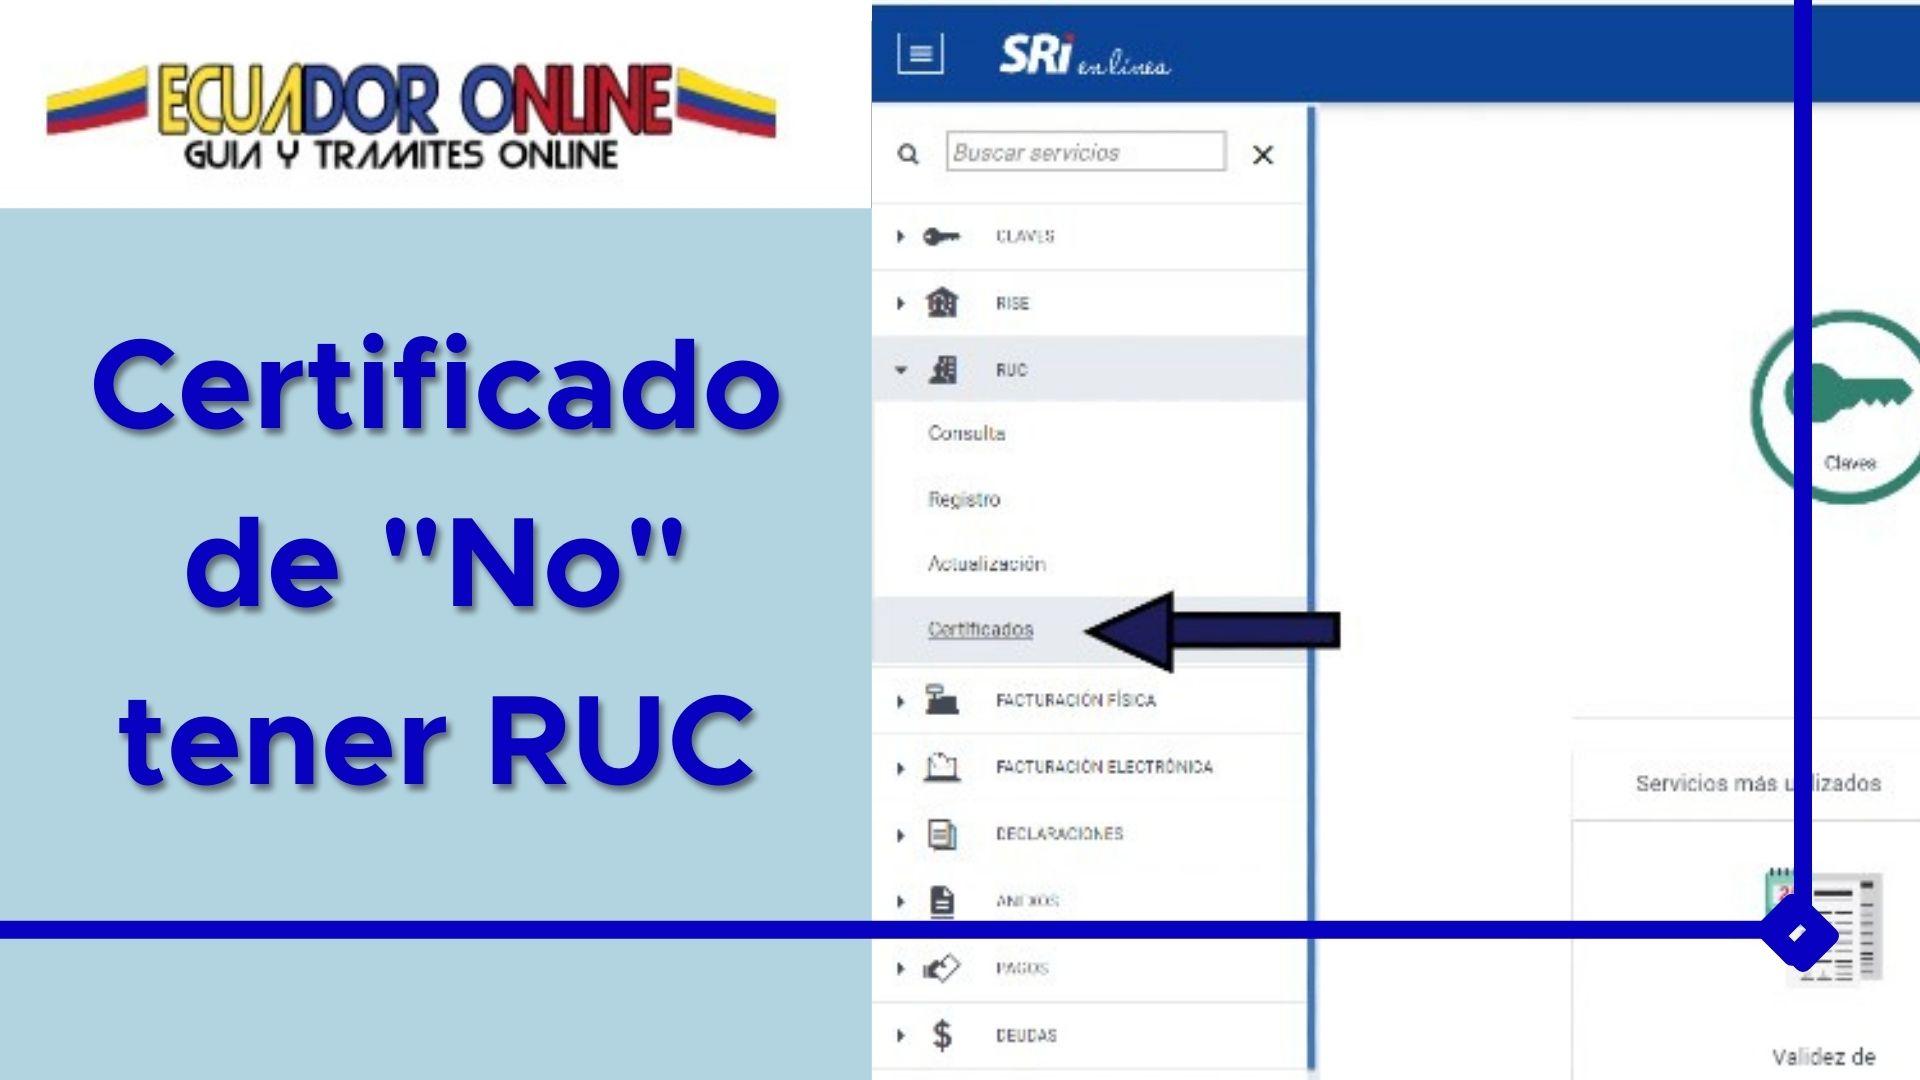 Como solicitar el certificado de no tener Ruc en Ecuador